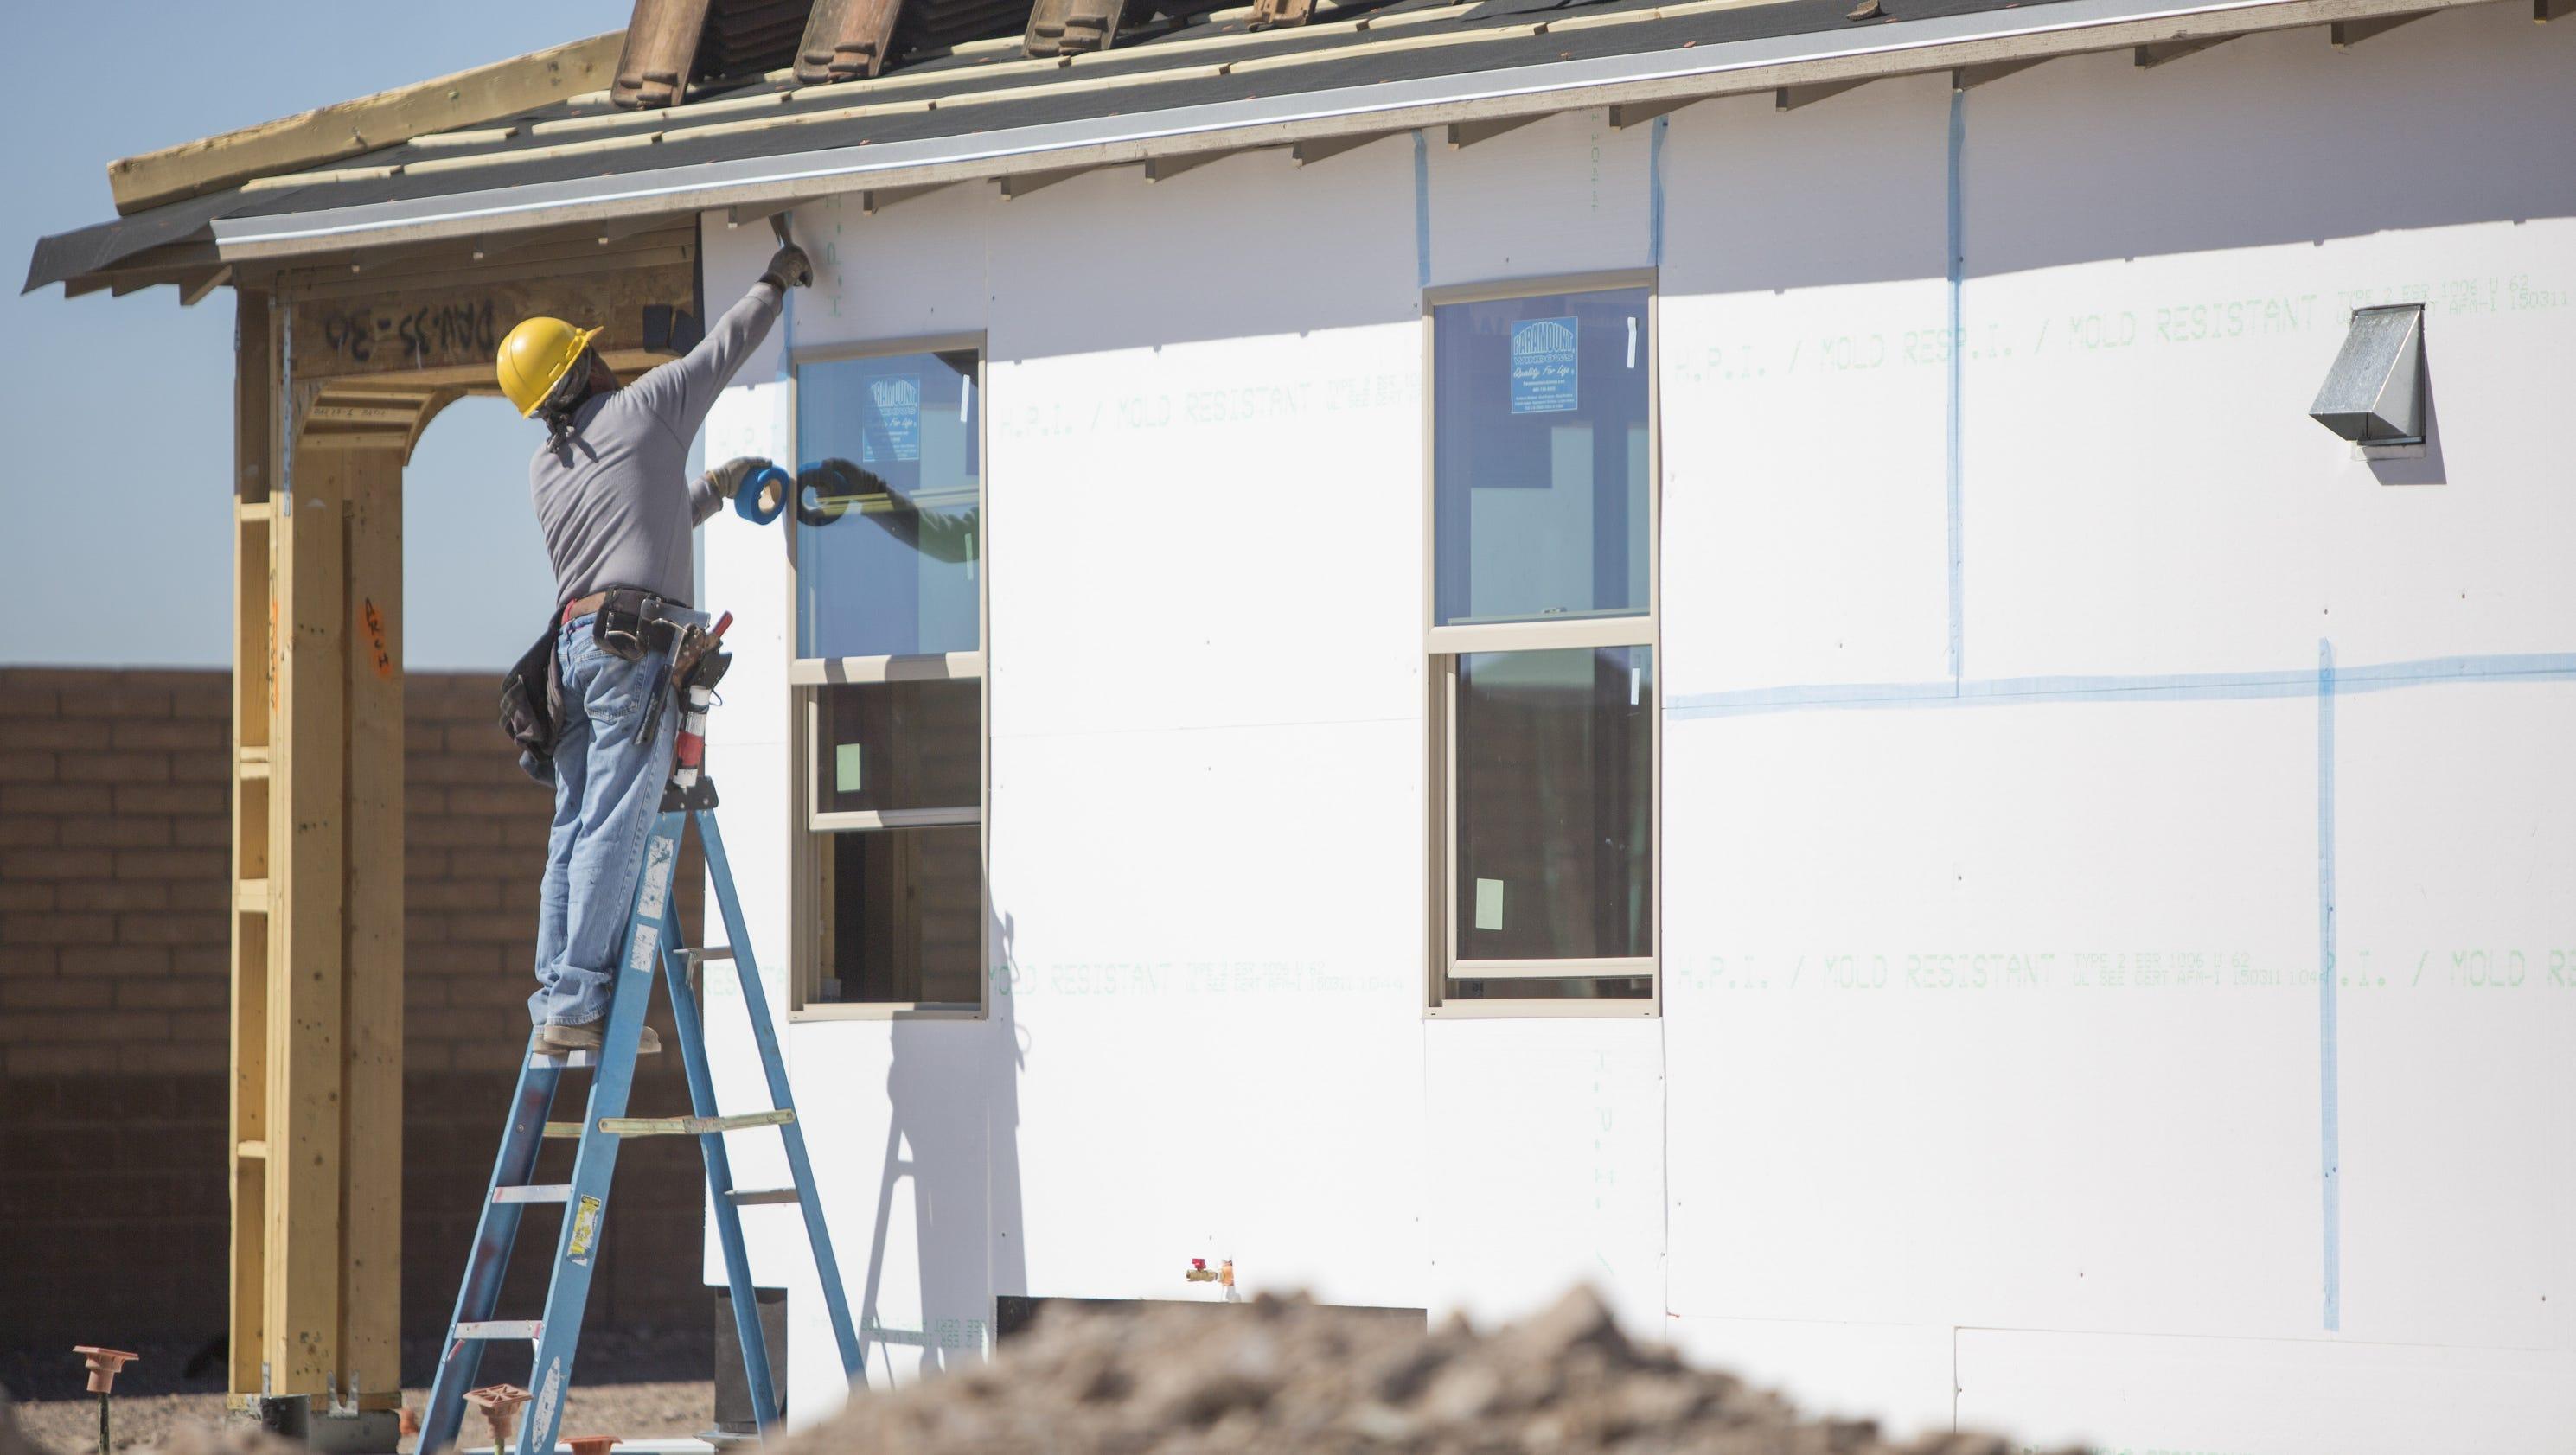 Need a job metro phoenix homebuilding boom creates demand for Homebuilding com